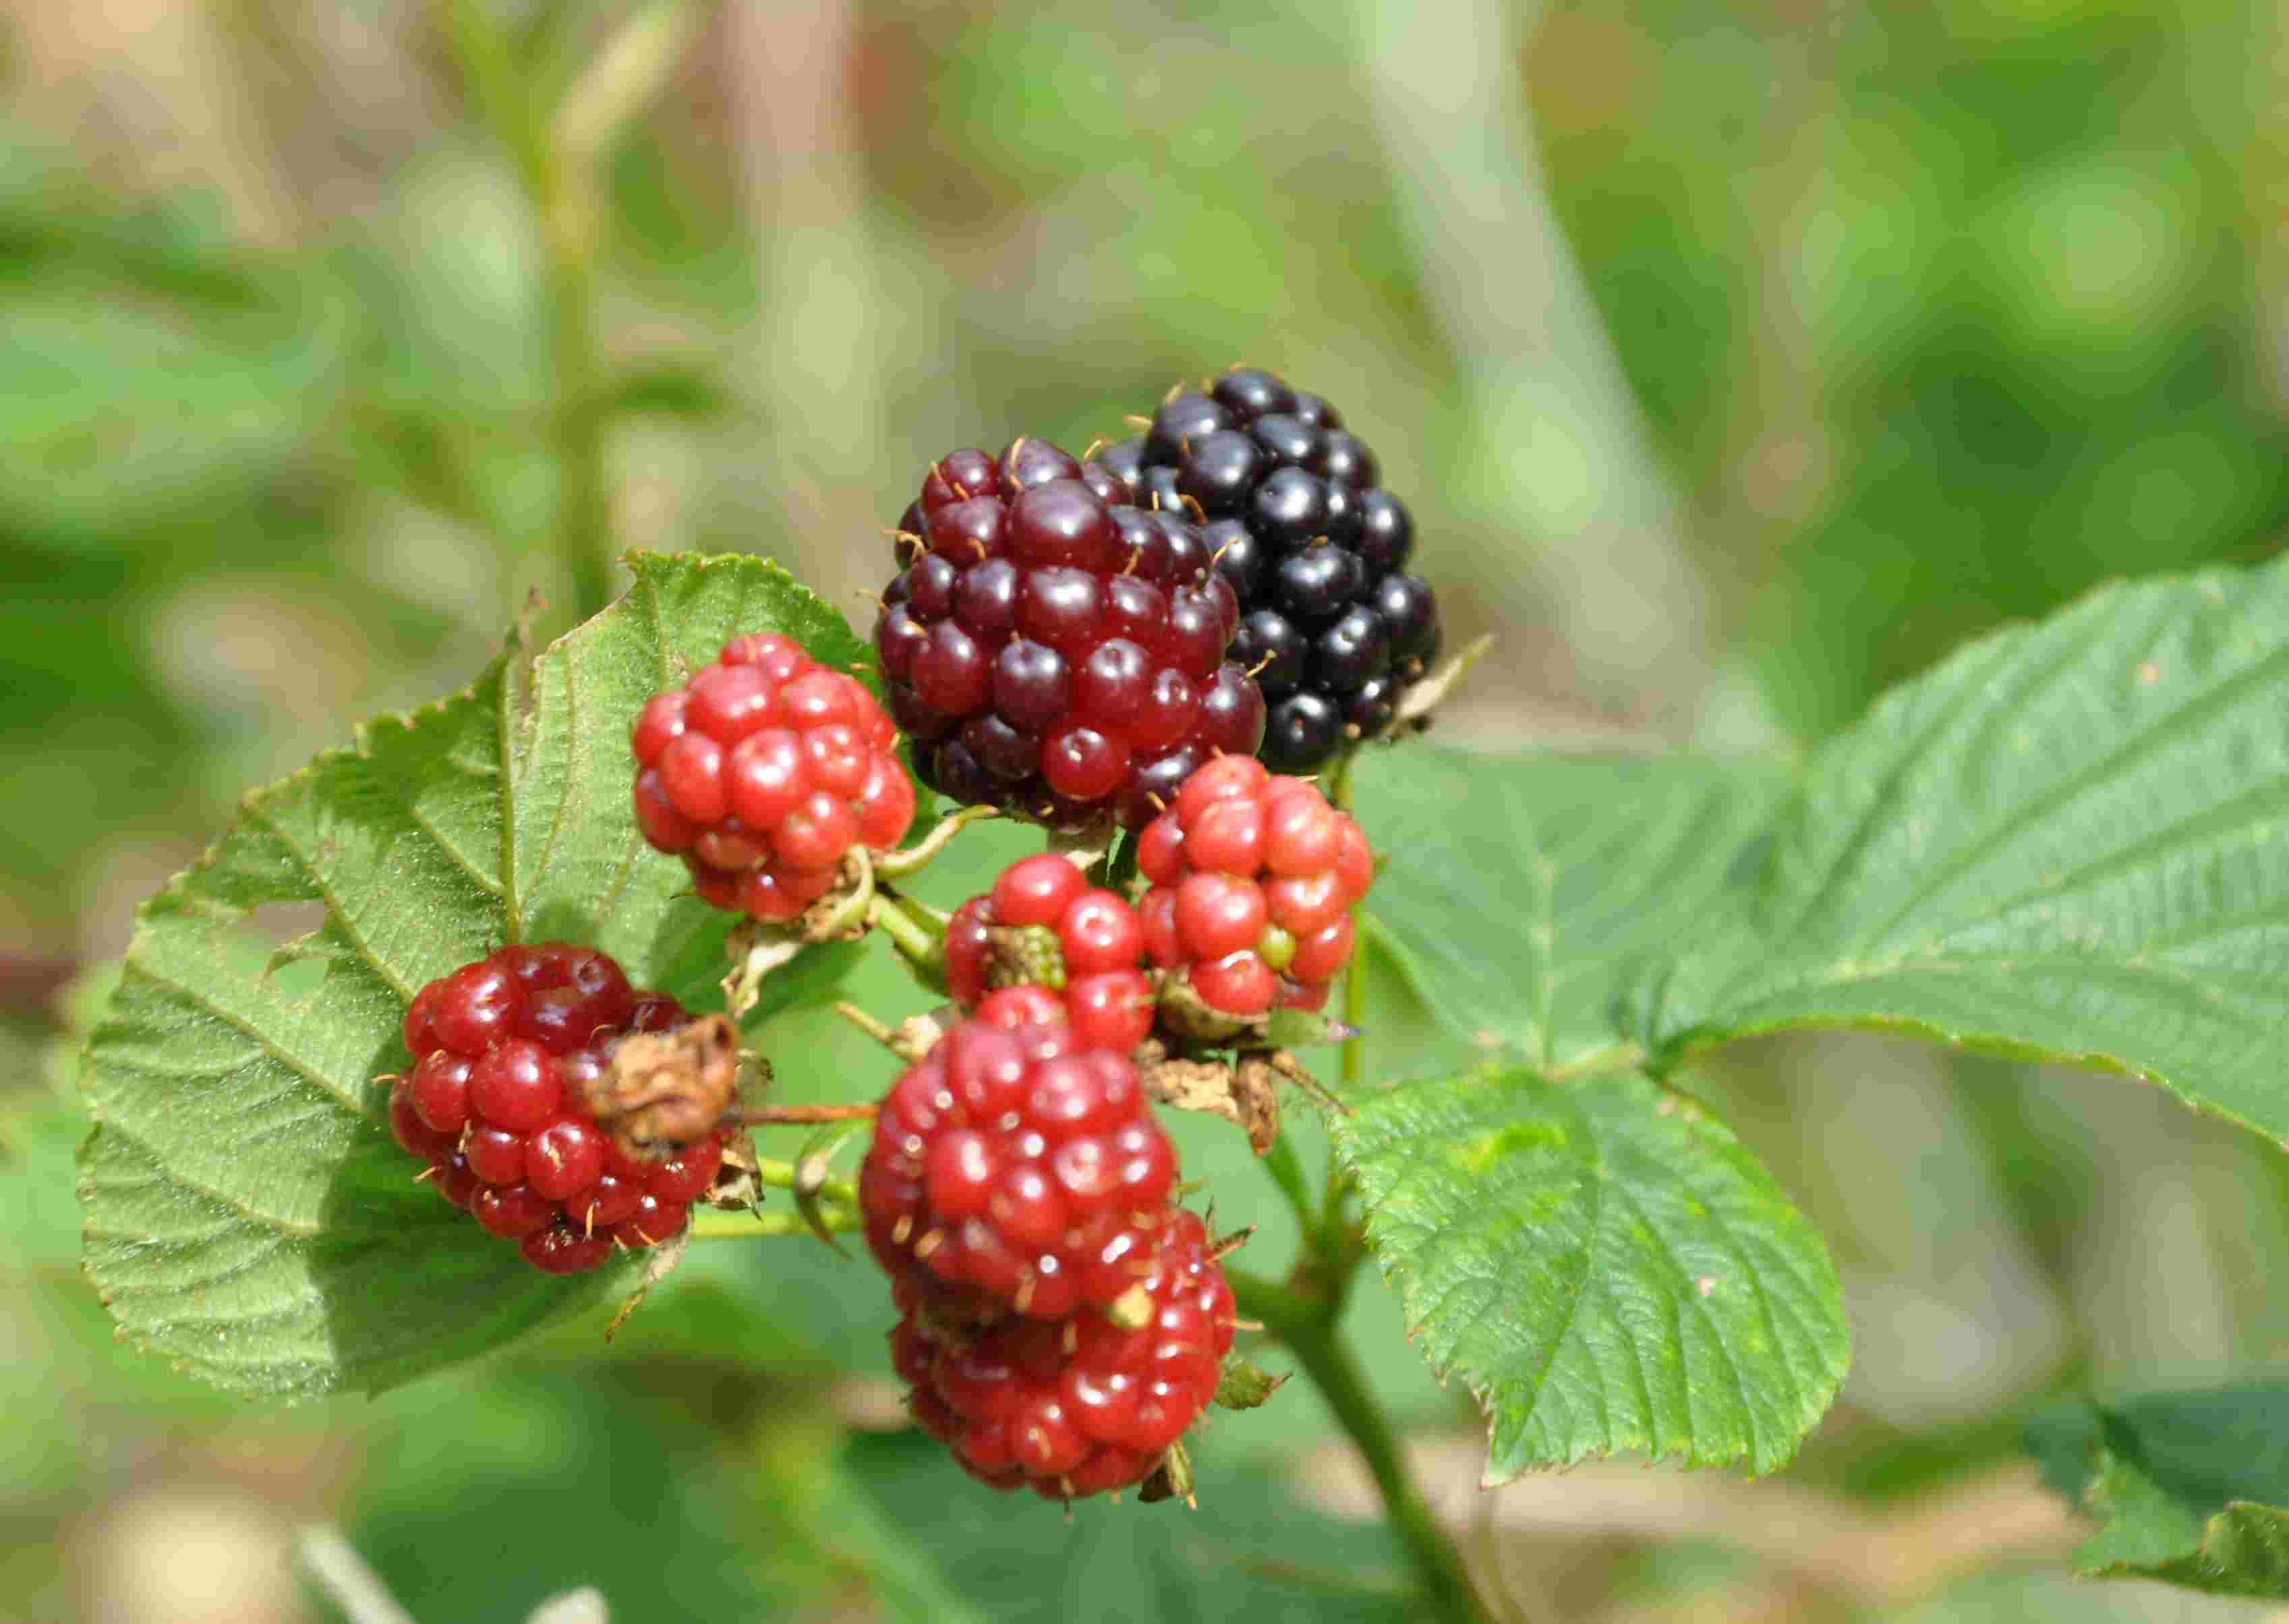 Vilda bär kan också angripas av den nya fruktflugan och sprida den vidare.